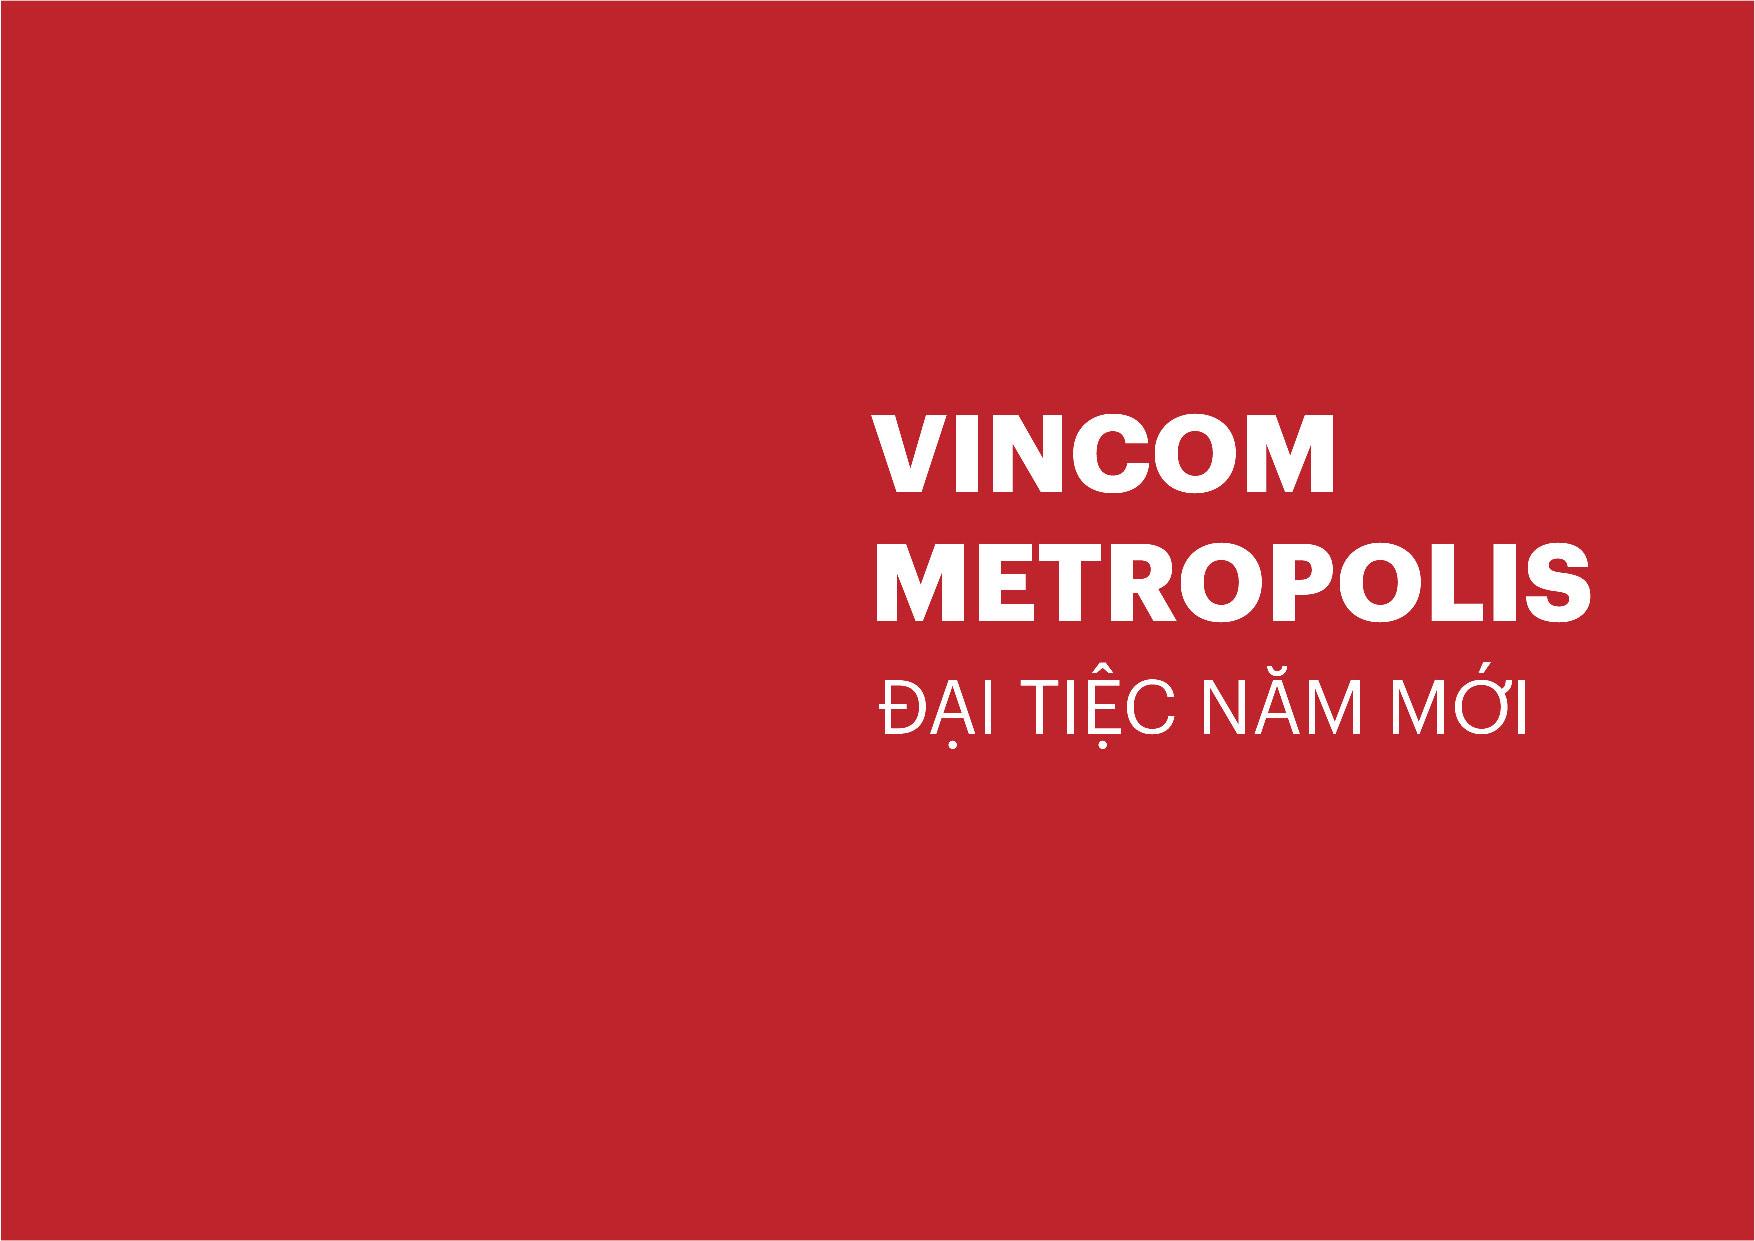 Vincom-07